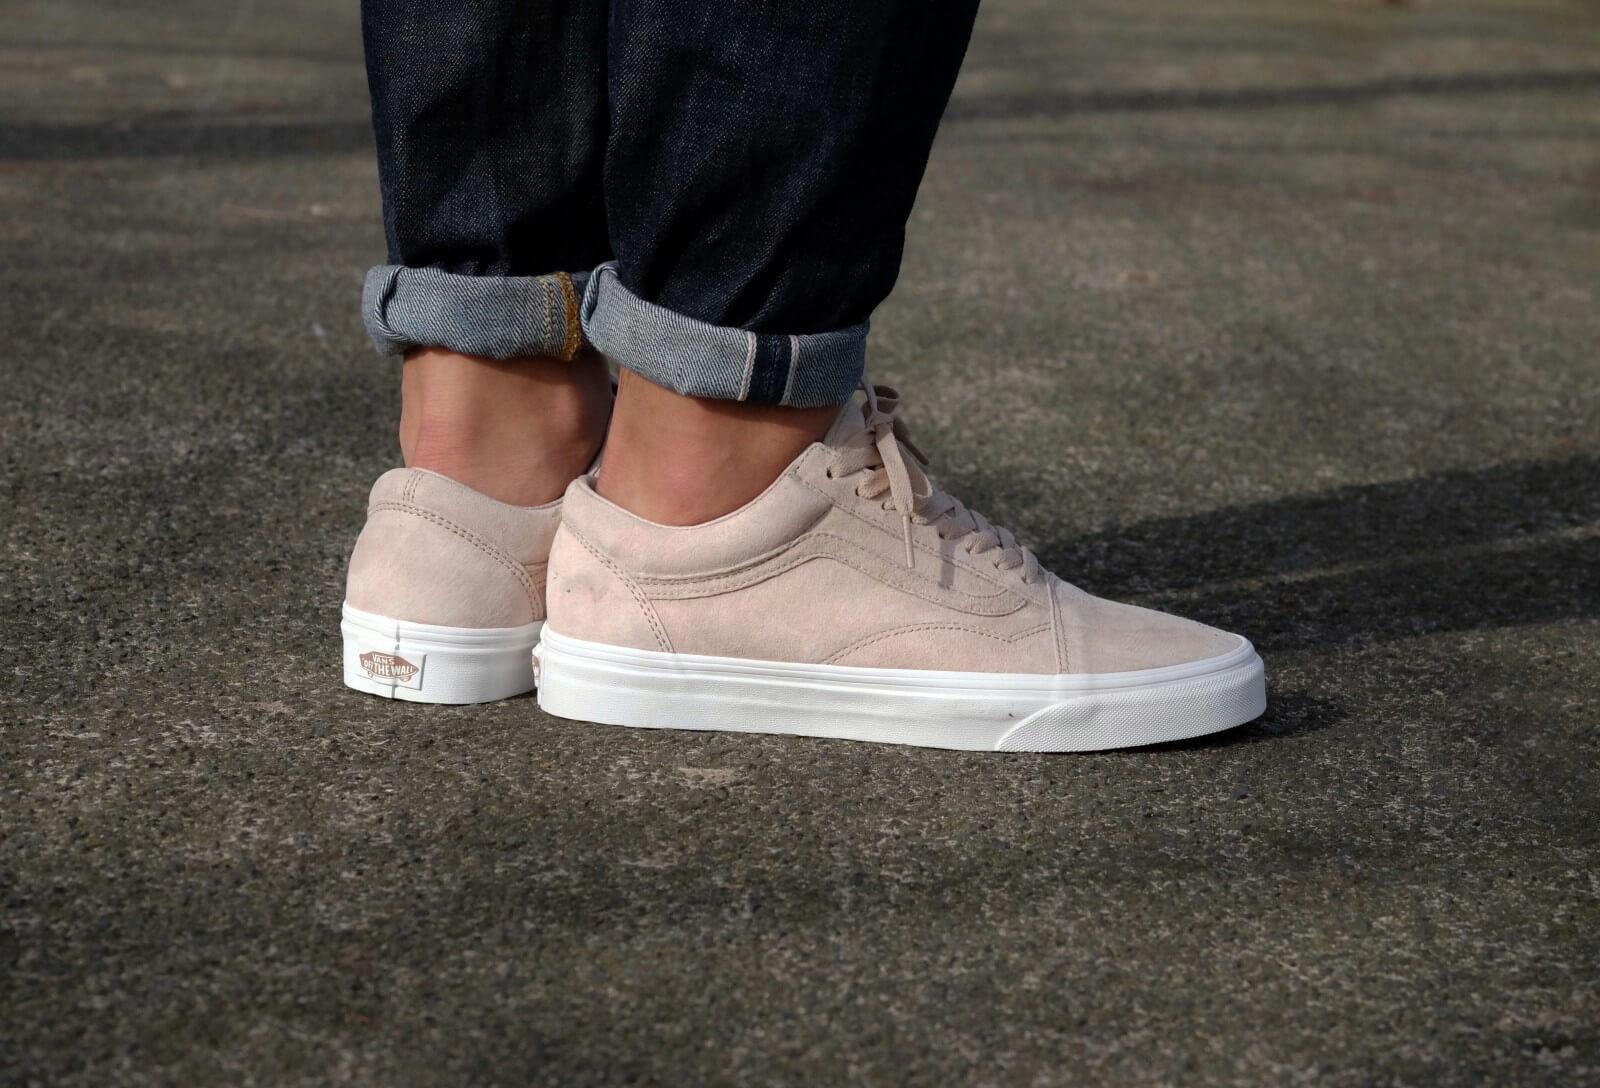 d0132ba663 Vans Old skool Pig suede Humus (NEW) Size 8.5 - Low-Top Sneakers for Sale -  Grailed